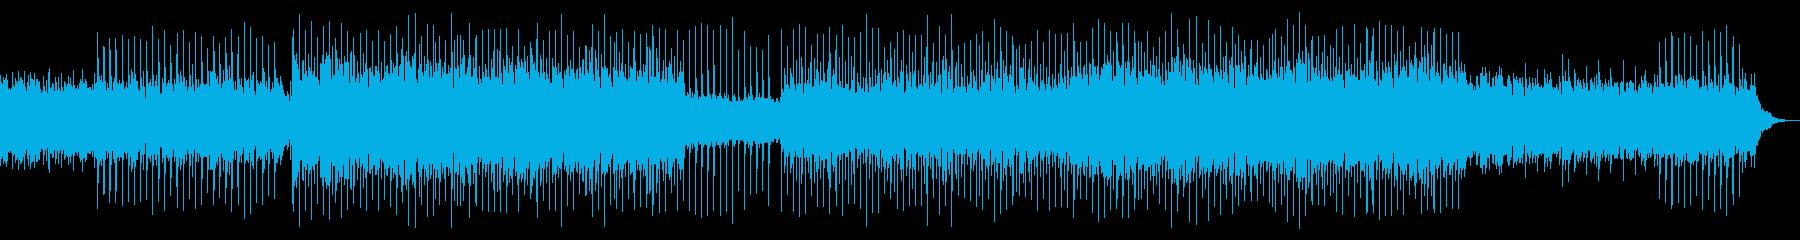 企業系/アート系/ピアノ/四つ打ちの再生済みの波形